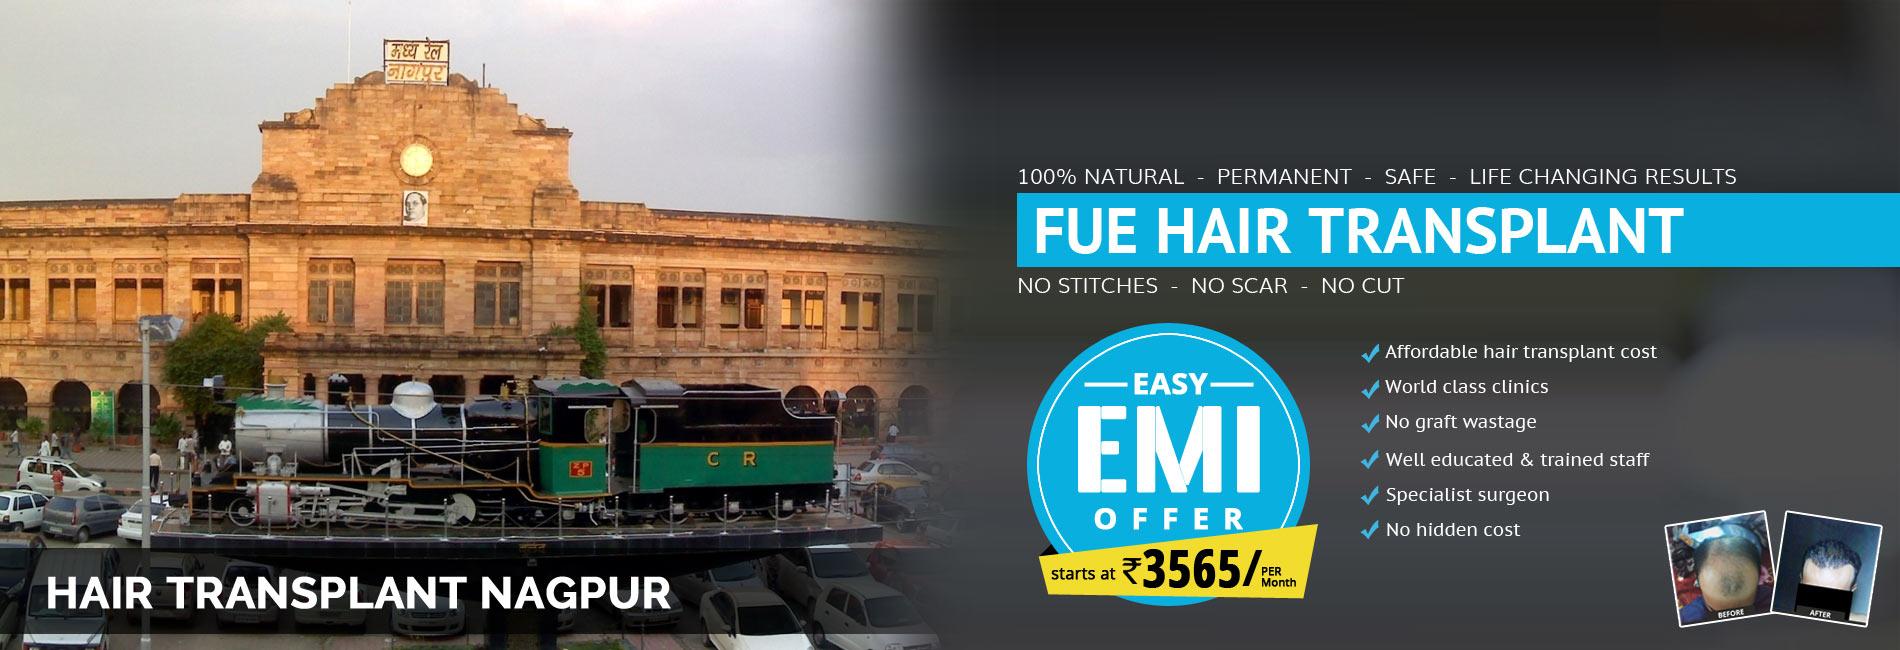 Hair Transplant Nagpur